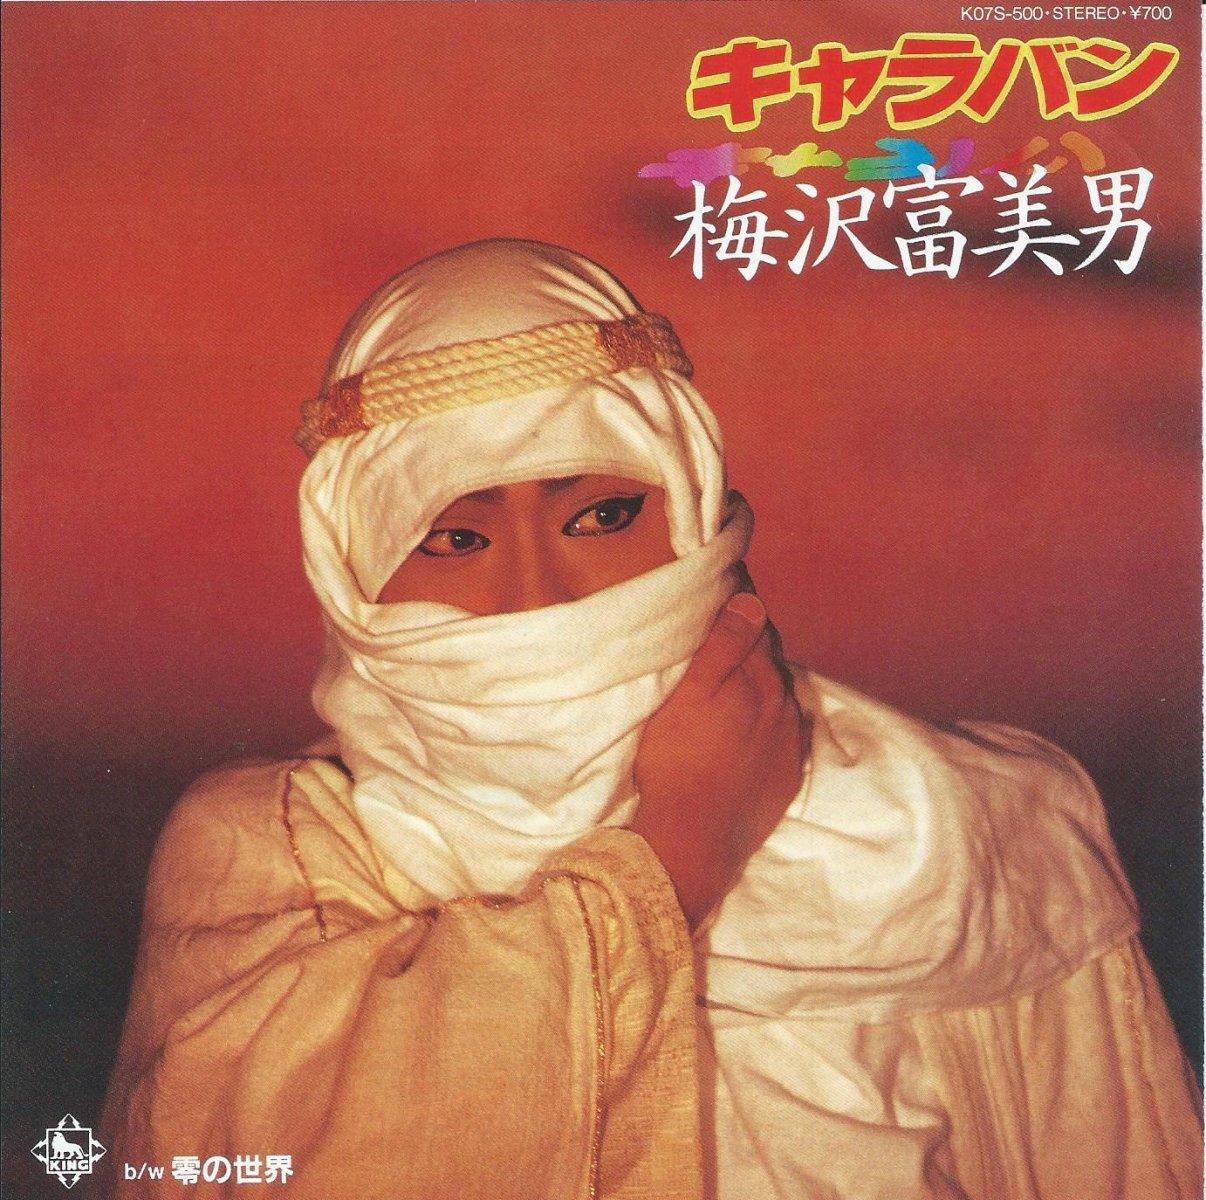 梅沢富美男 TOMIO UMEZAWA / キャラバン / 零の世界 (7